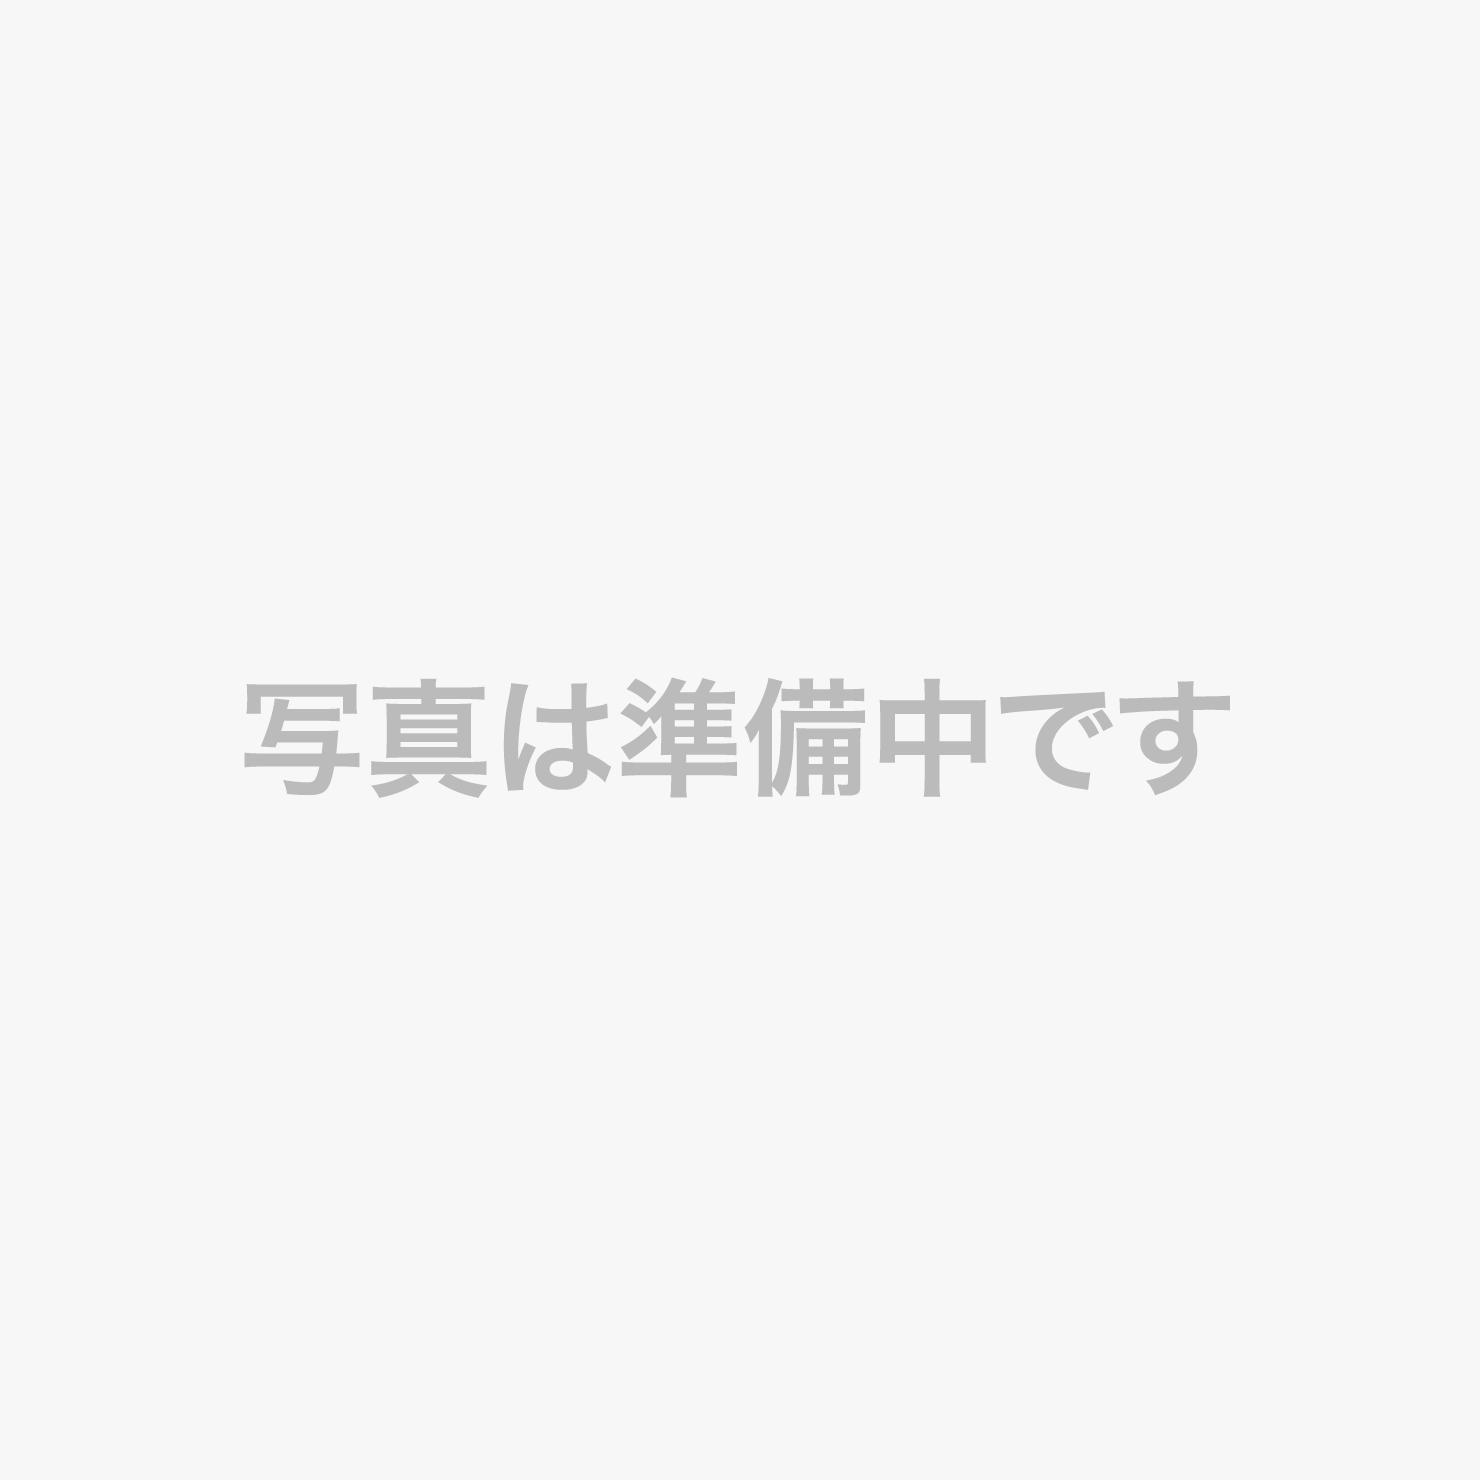 倉敷の地酒【荒走り】